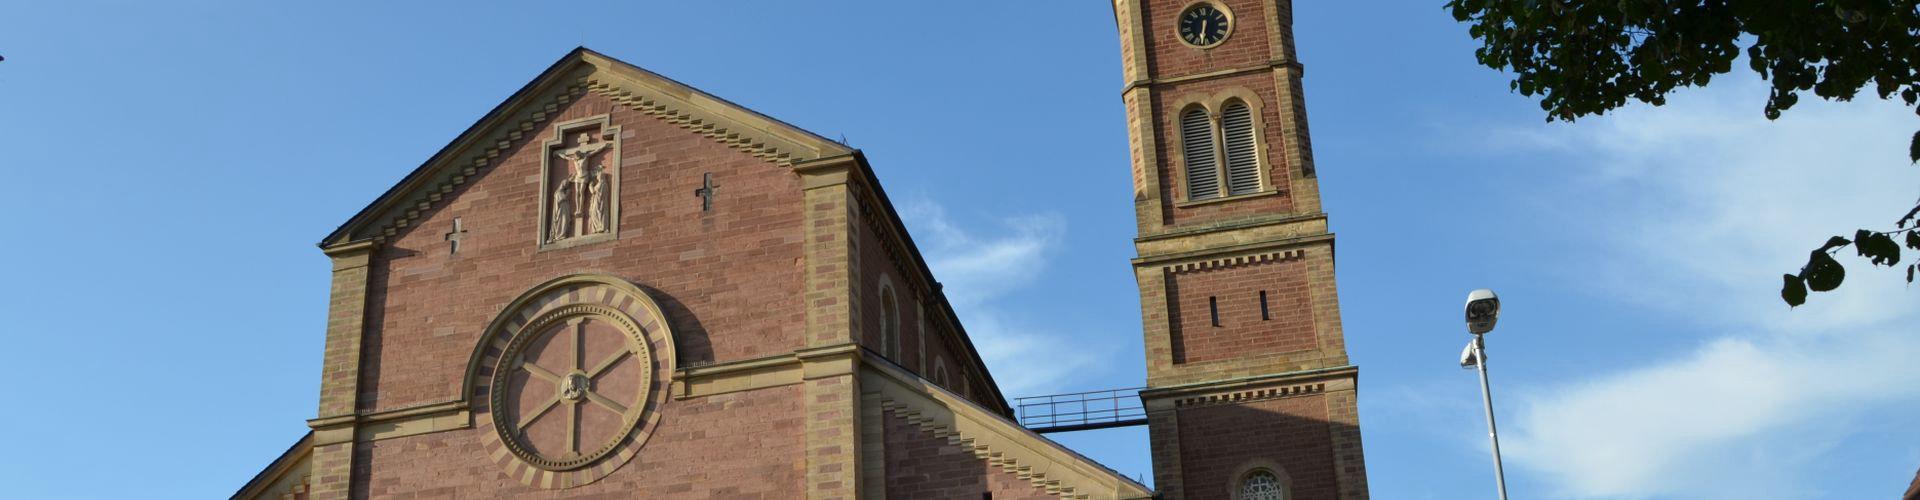 St. Cosmas und Damian Untergrombach / Quelle:  A. Konigorski